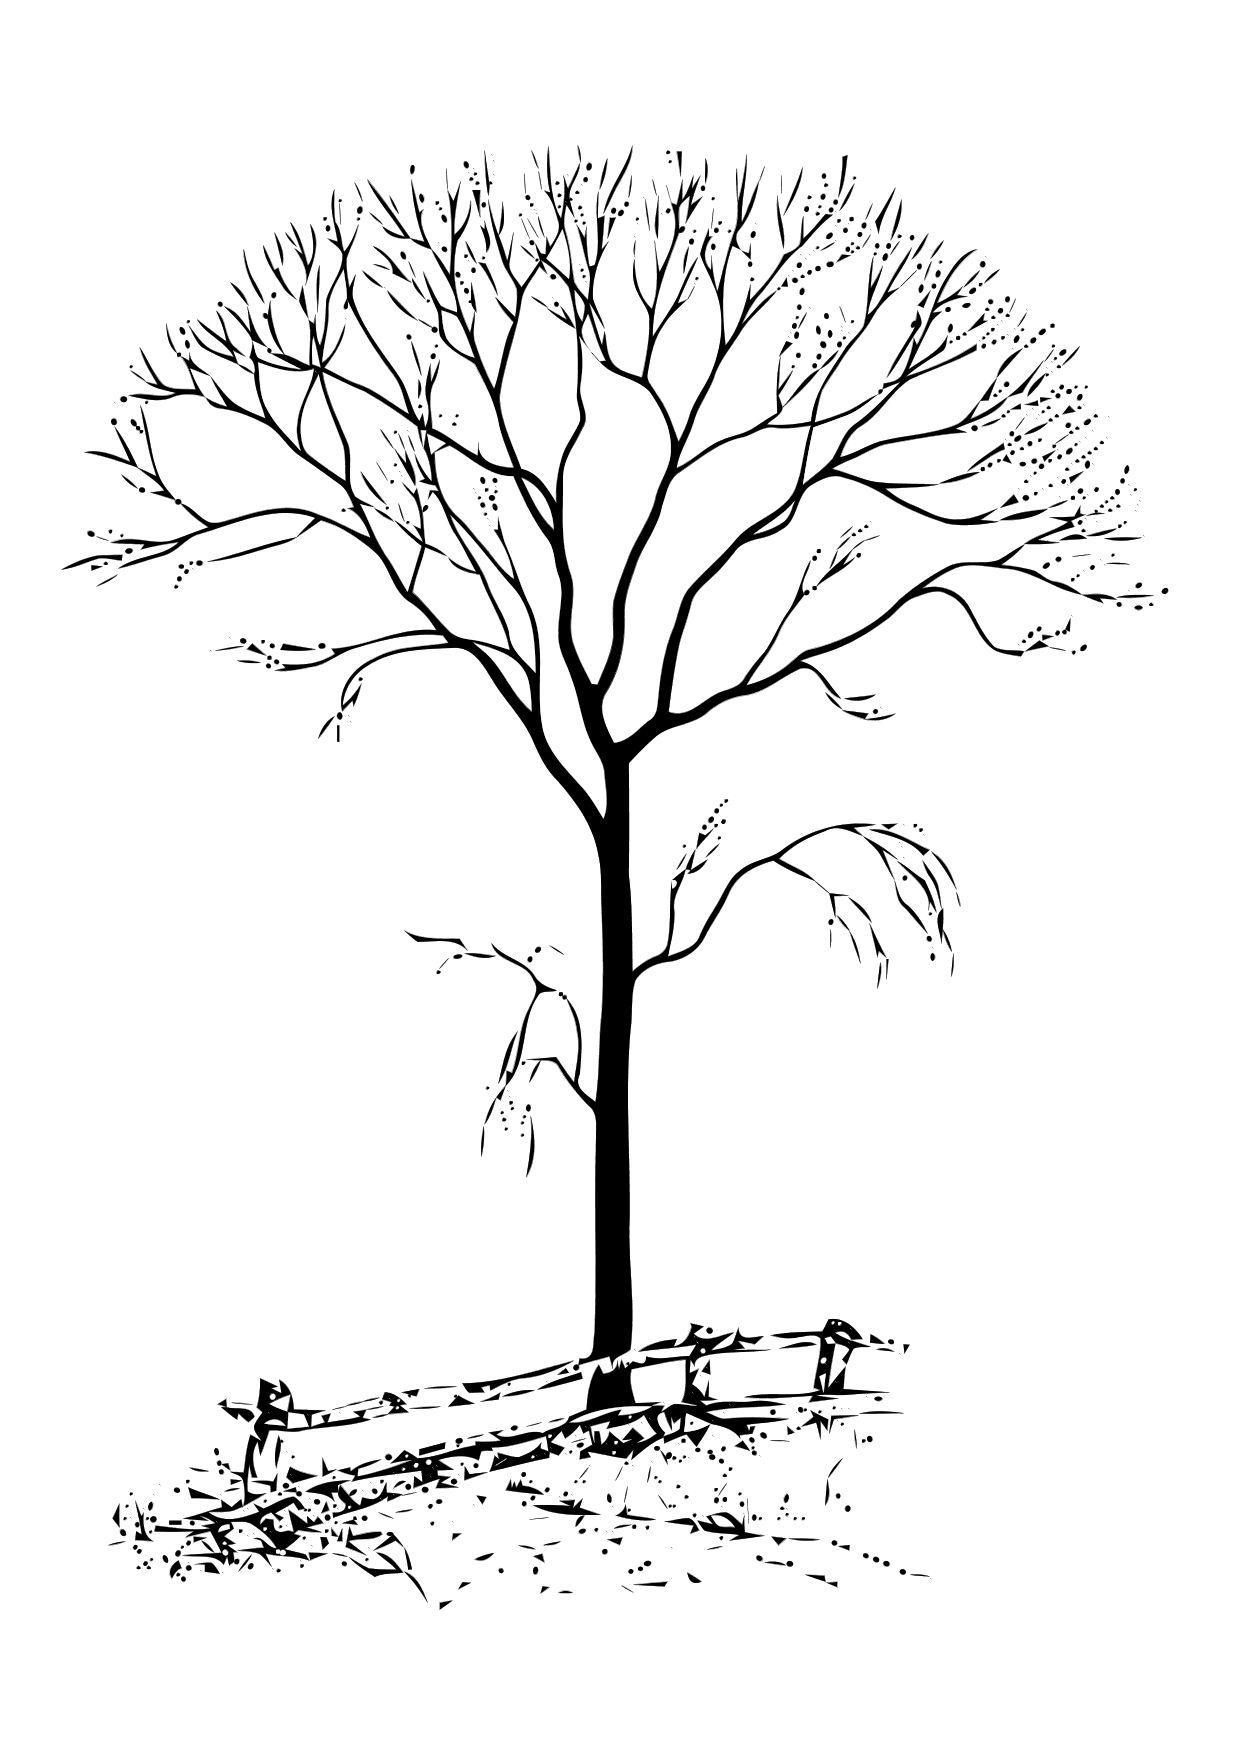 Kahler Baum Malvorlage | Coloring And Malvorlagan in Malvorlage Baum Mit Ästen